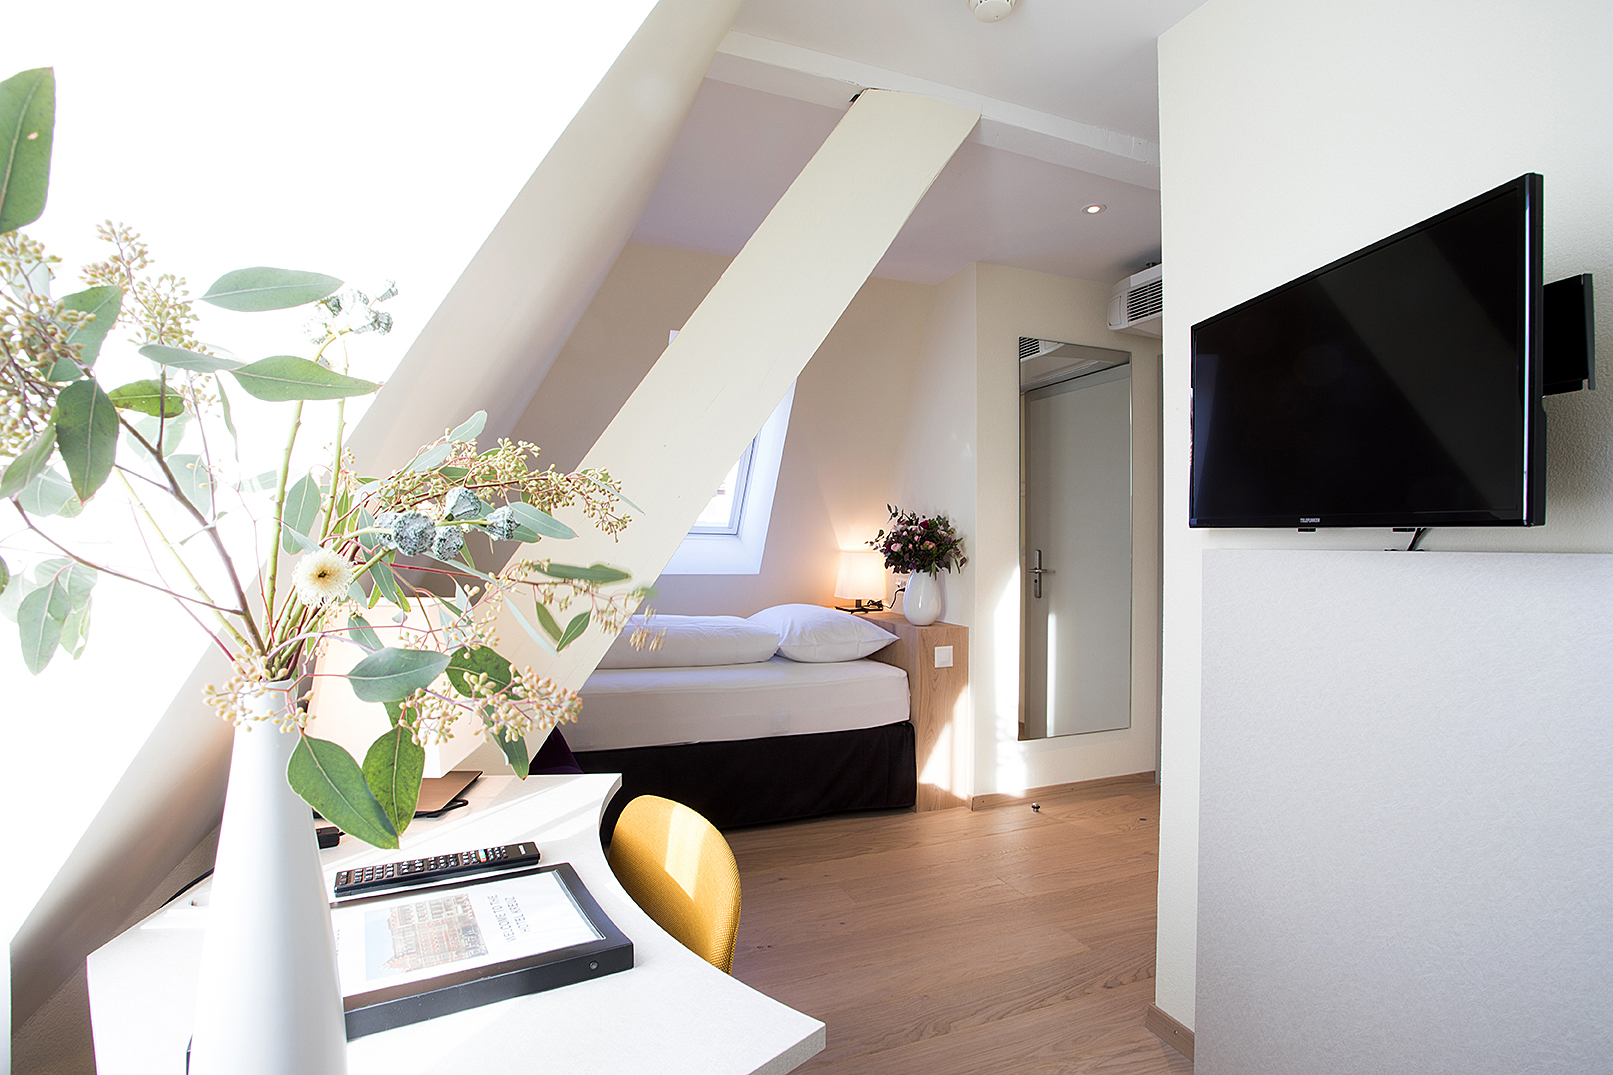 umbau zimmer hotel kreuz  bern  pjkarchitekturs Webseite